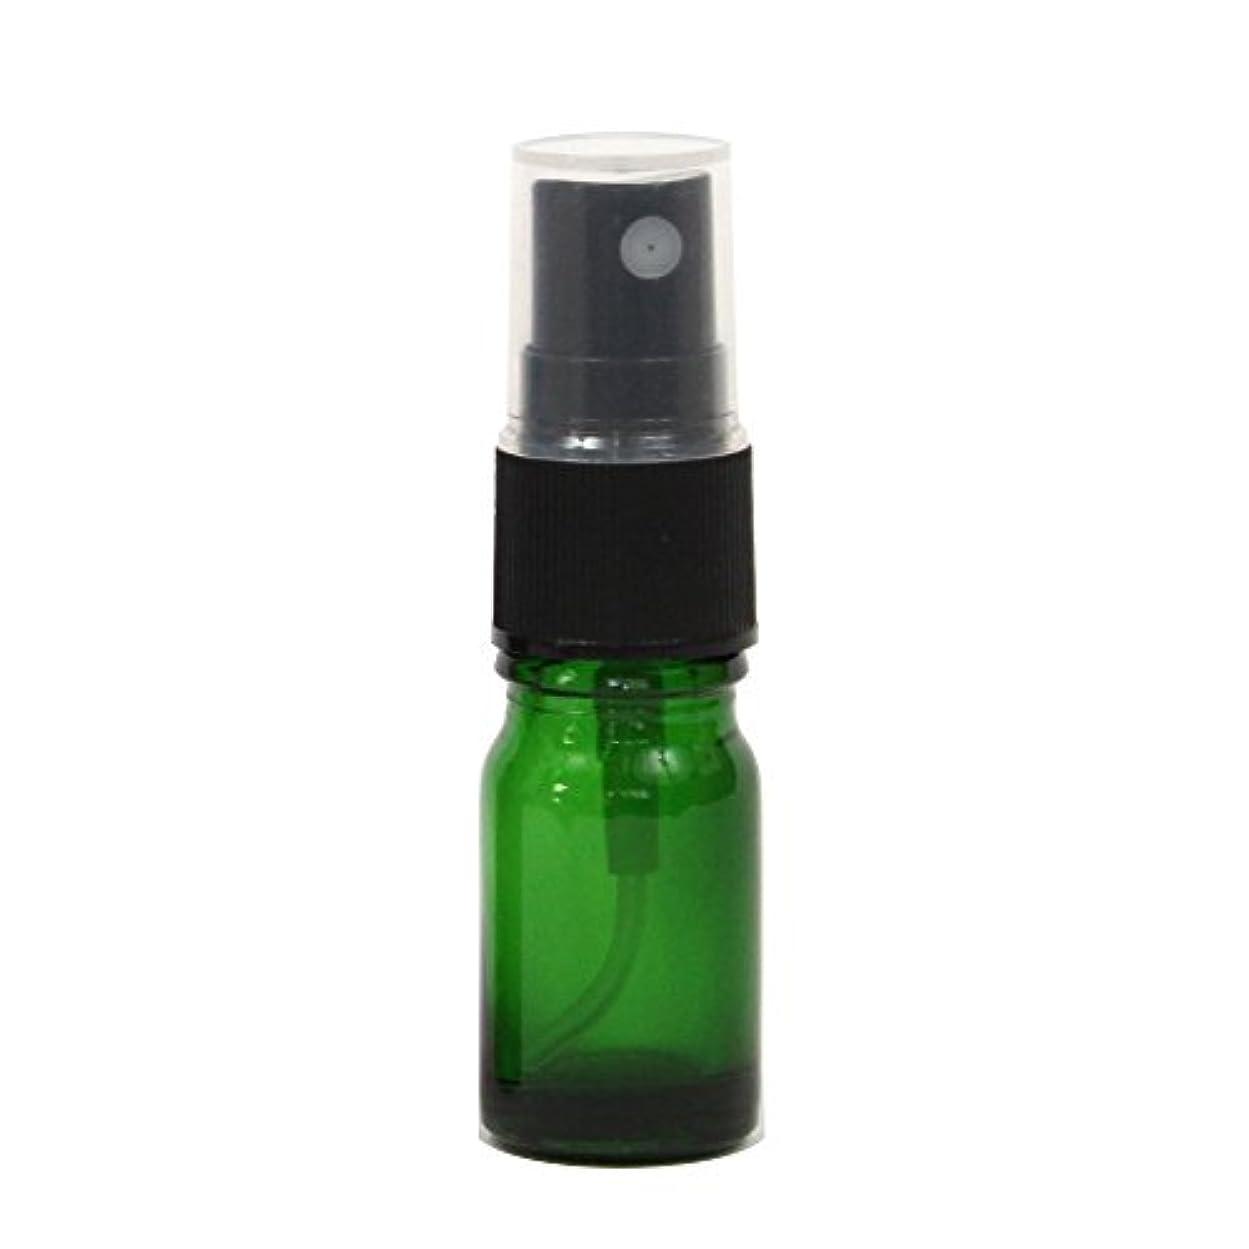 喪閃光人スプレーボトル ガラス瓶 5mL 遮光性グリーン ガラスアトマイザー 空容器